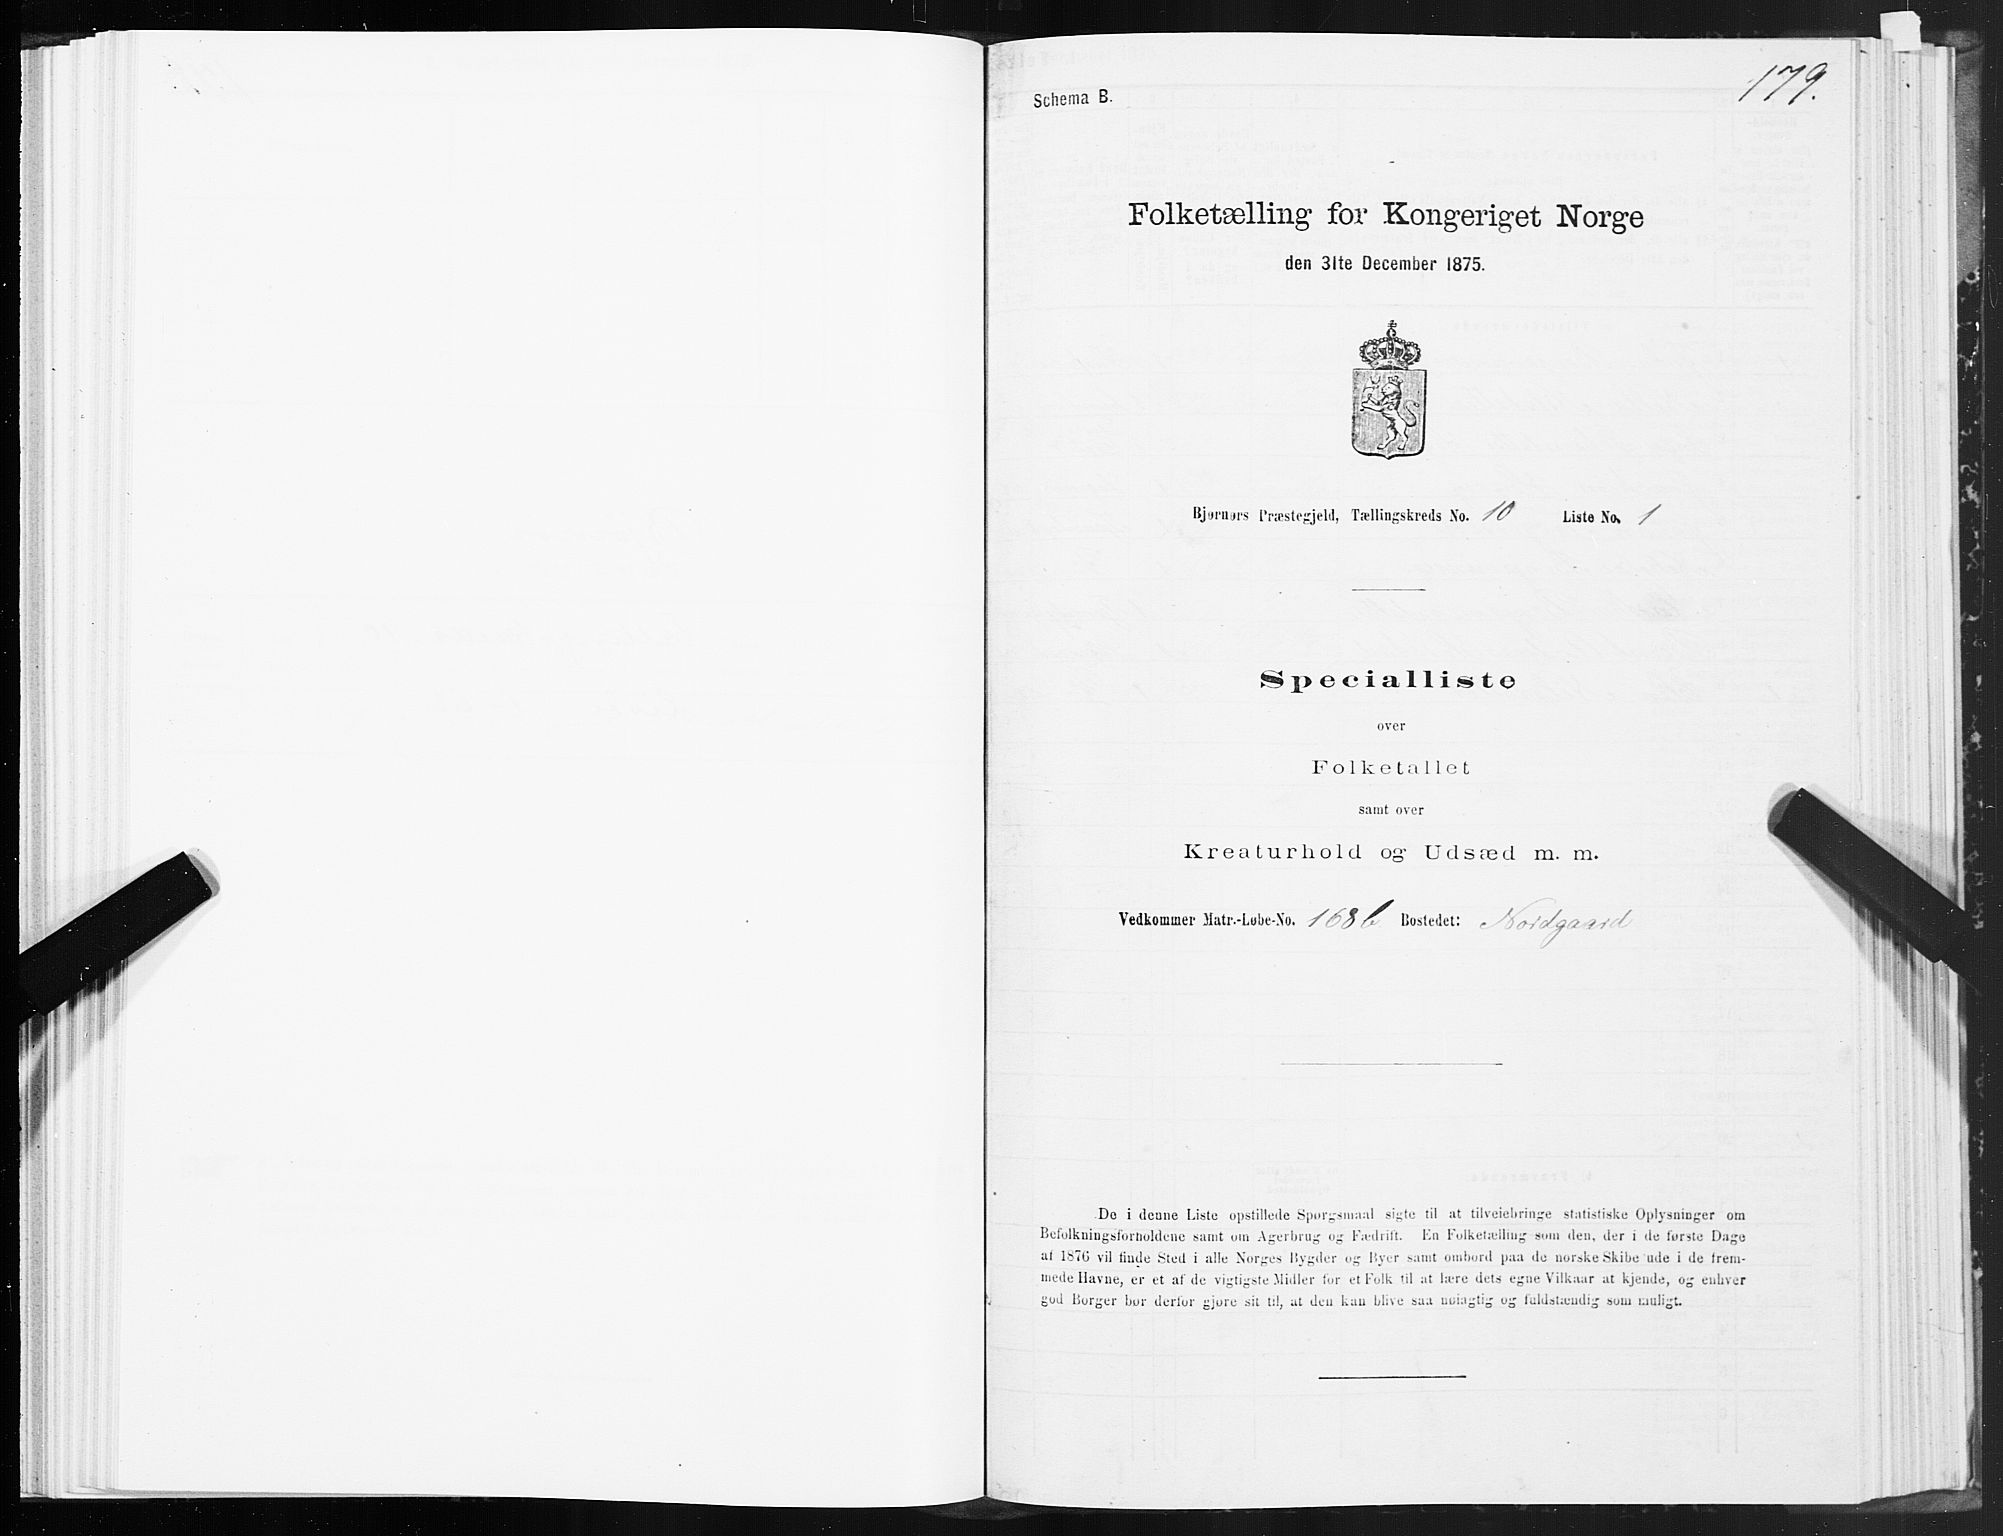 SAT, Folketelling 1875 for 1632P Bjørnør prestegjeld, 1875, s. 4179